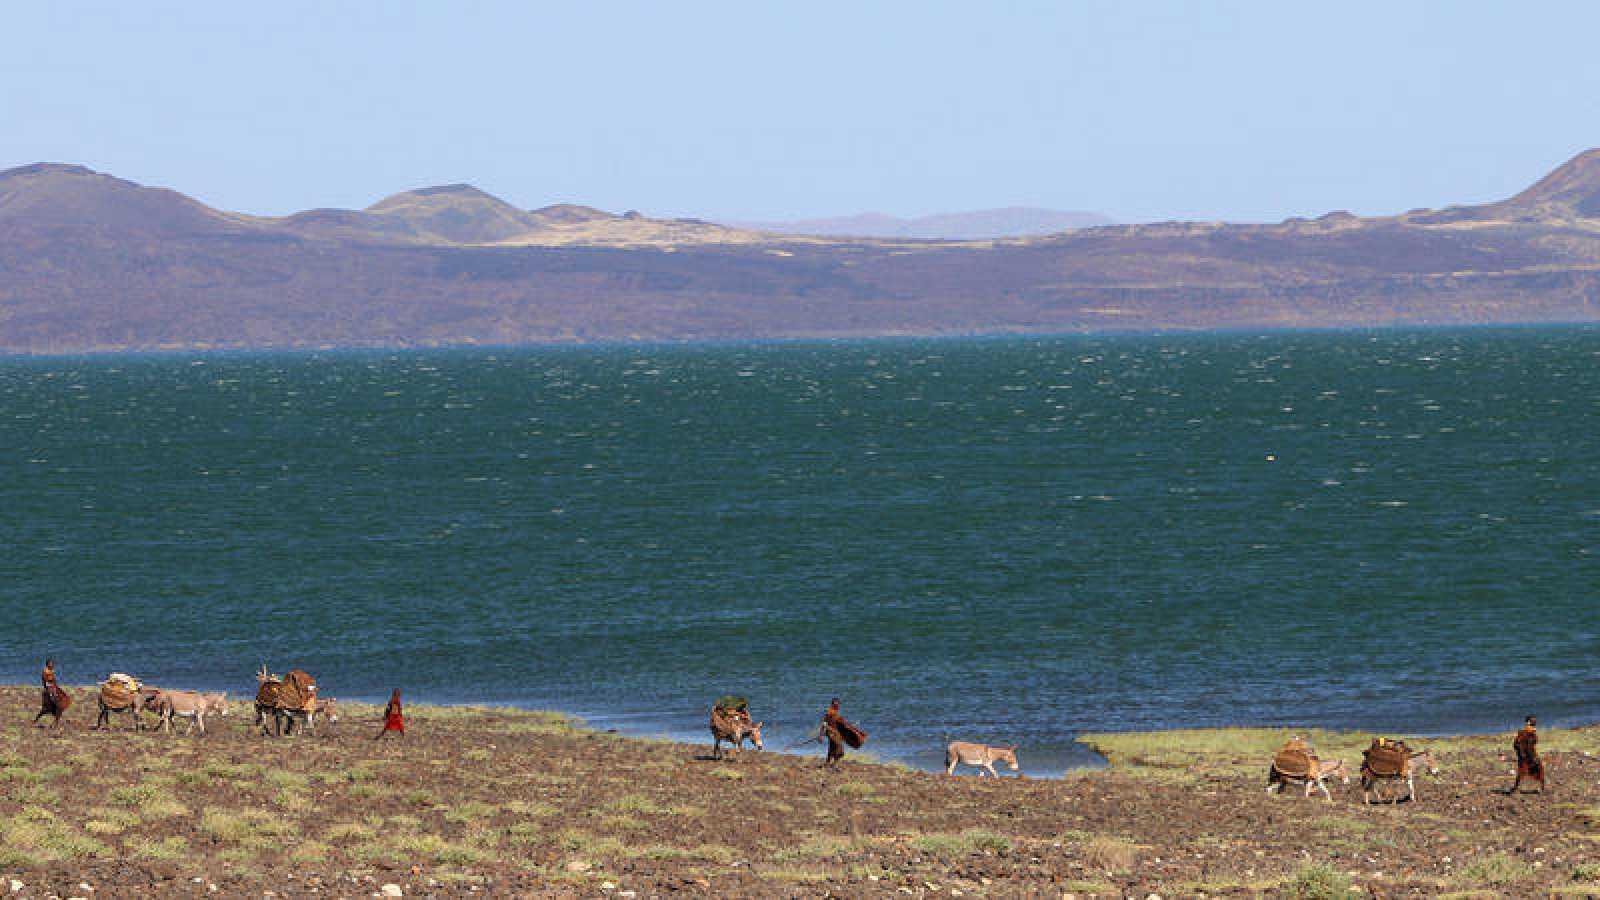 Miembros actuales del pueblo Turkana, junto al lago del mismo nombre.